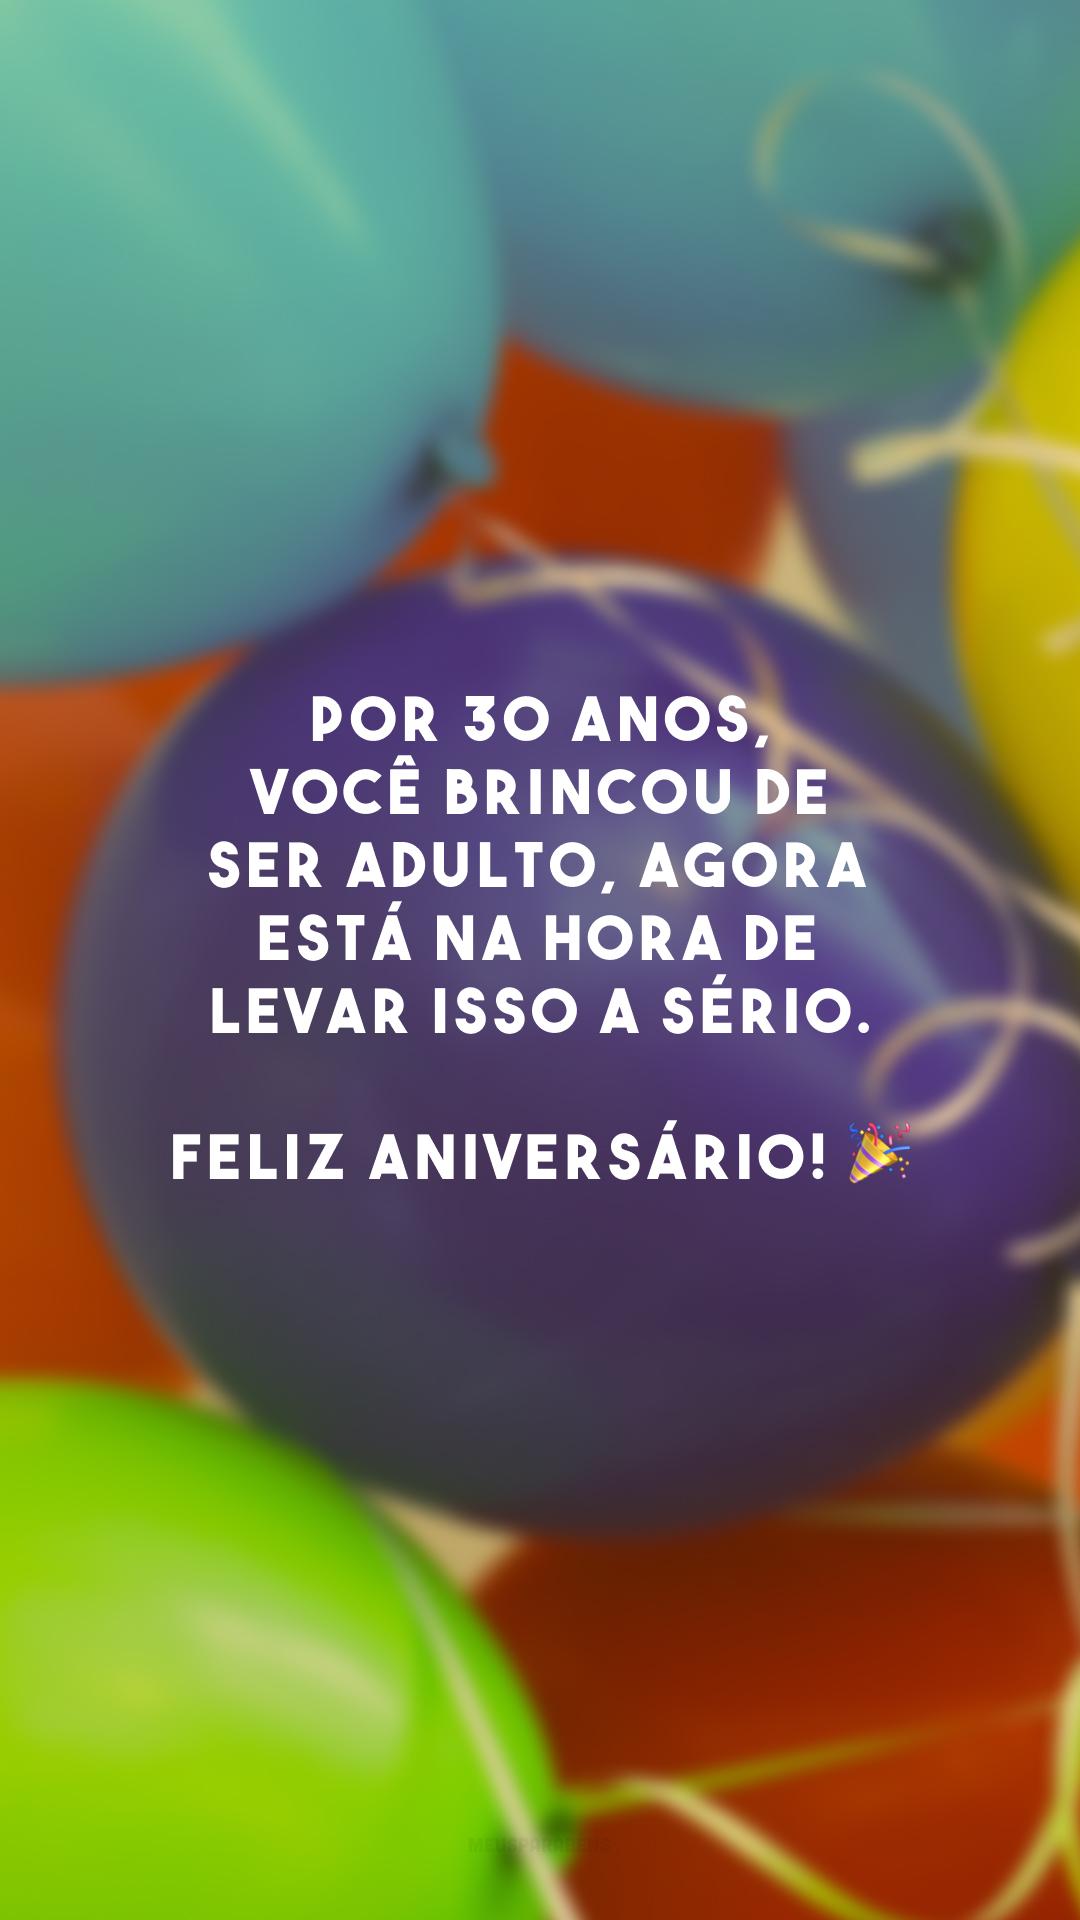 Por 30 anos, você brincou de ser adulto, agora está na hora de levar isso a sério. Feliz aniversário! 🎉